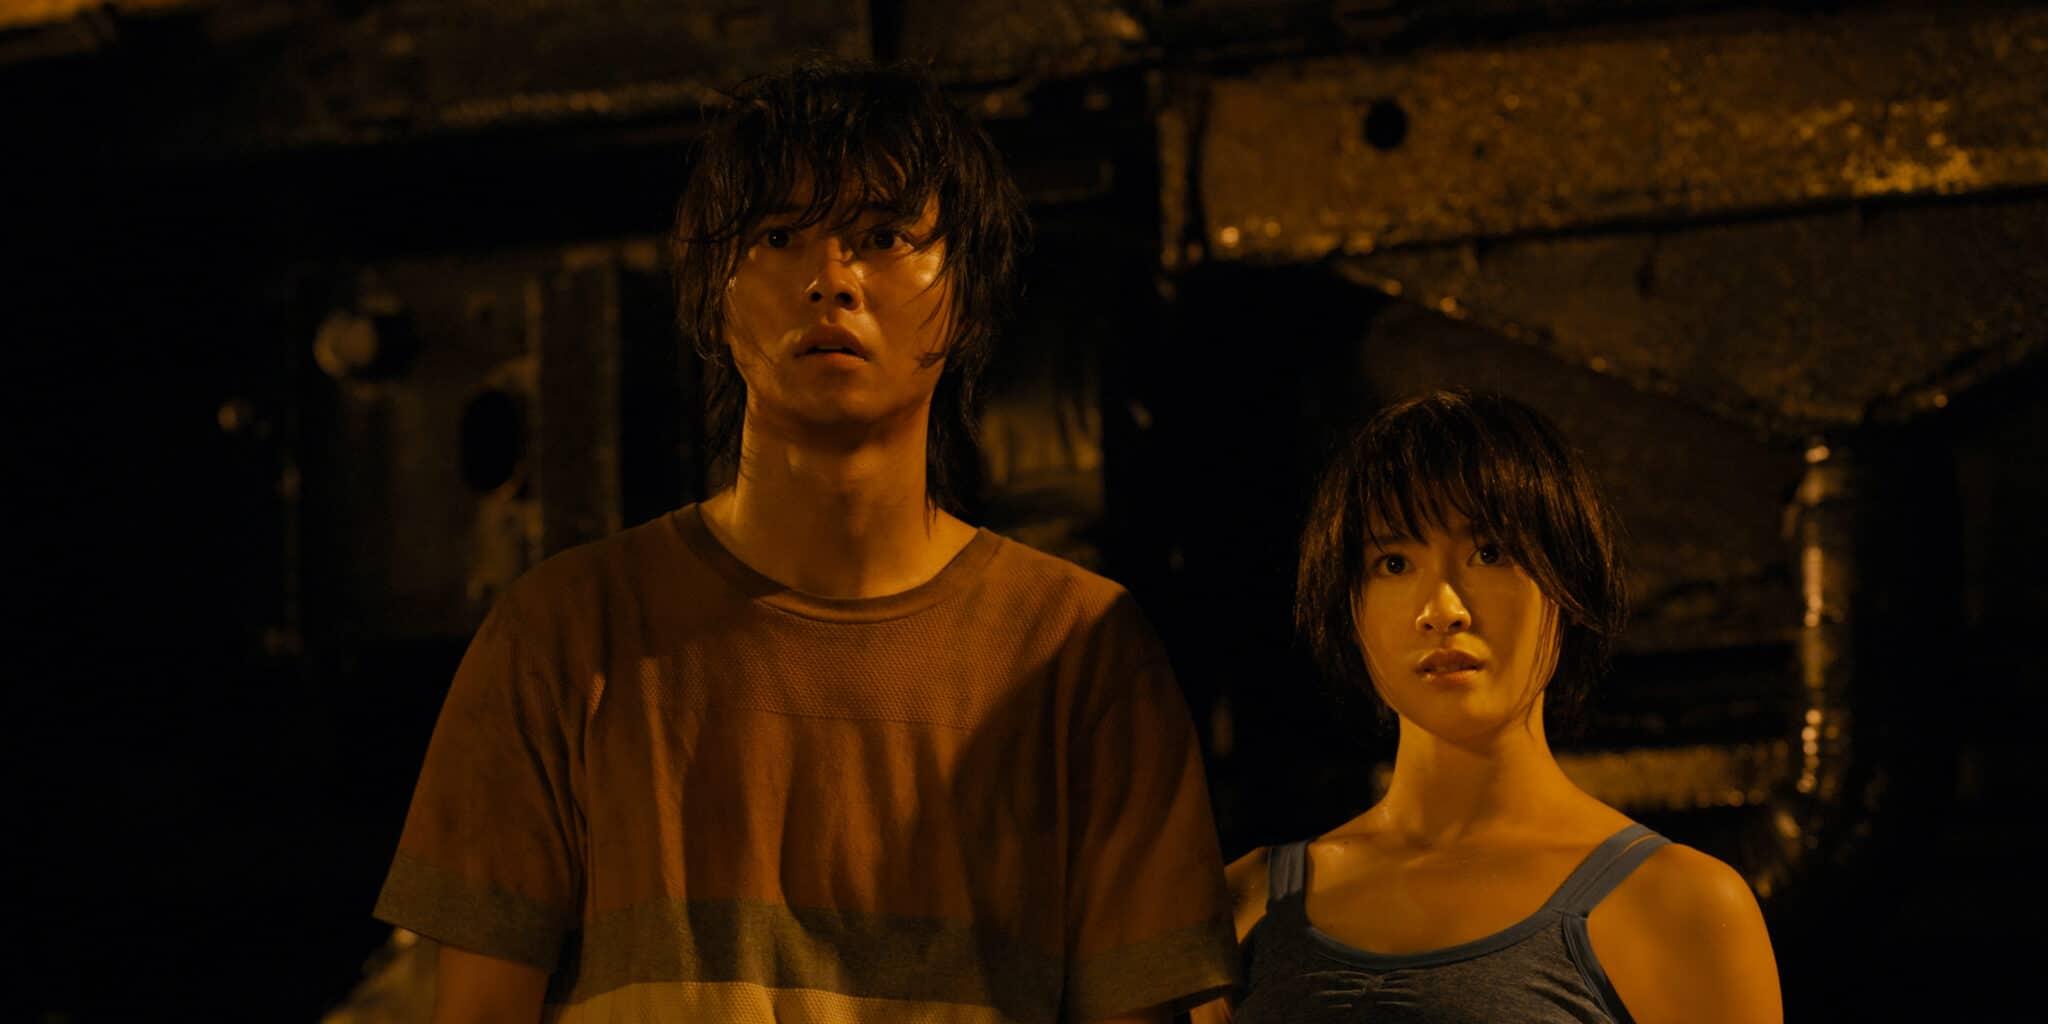 Arisu (Kento Yamazaki) und Usagi (Tao Tsuchiya) stehen in einem dunklen Raum. Er schaut erschrocken aus, sie hingegen wirkt entschlossen.